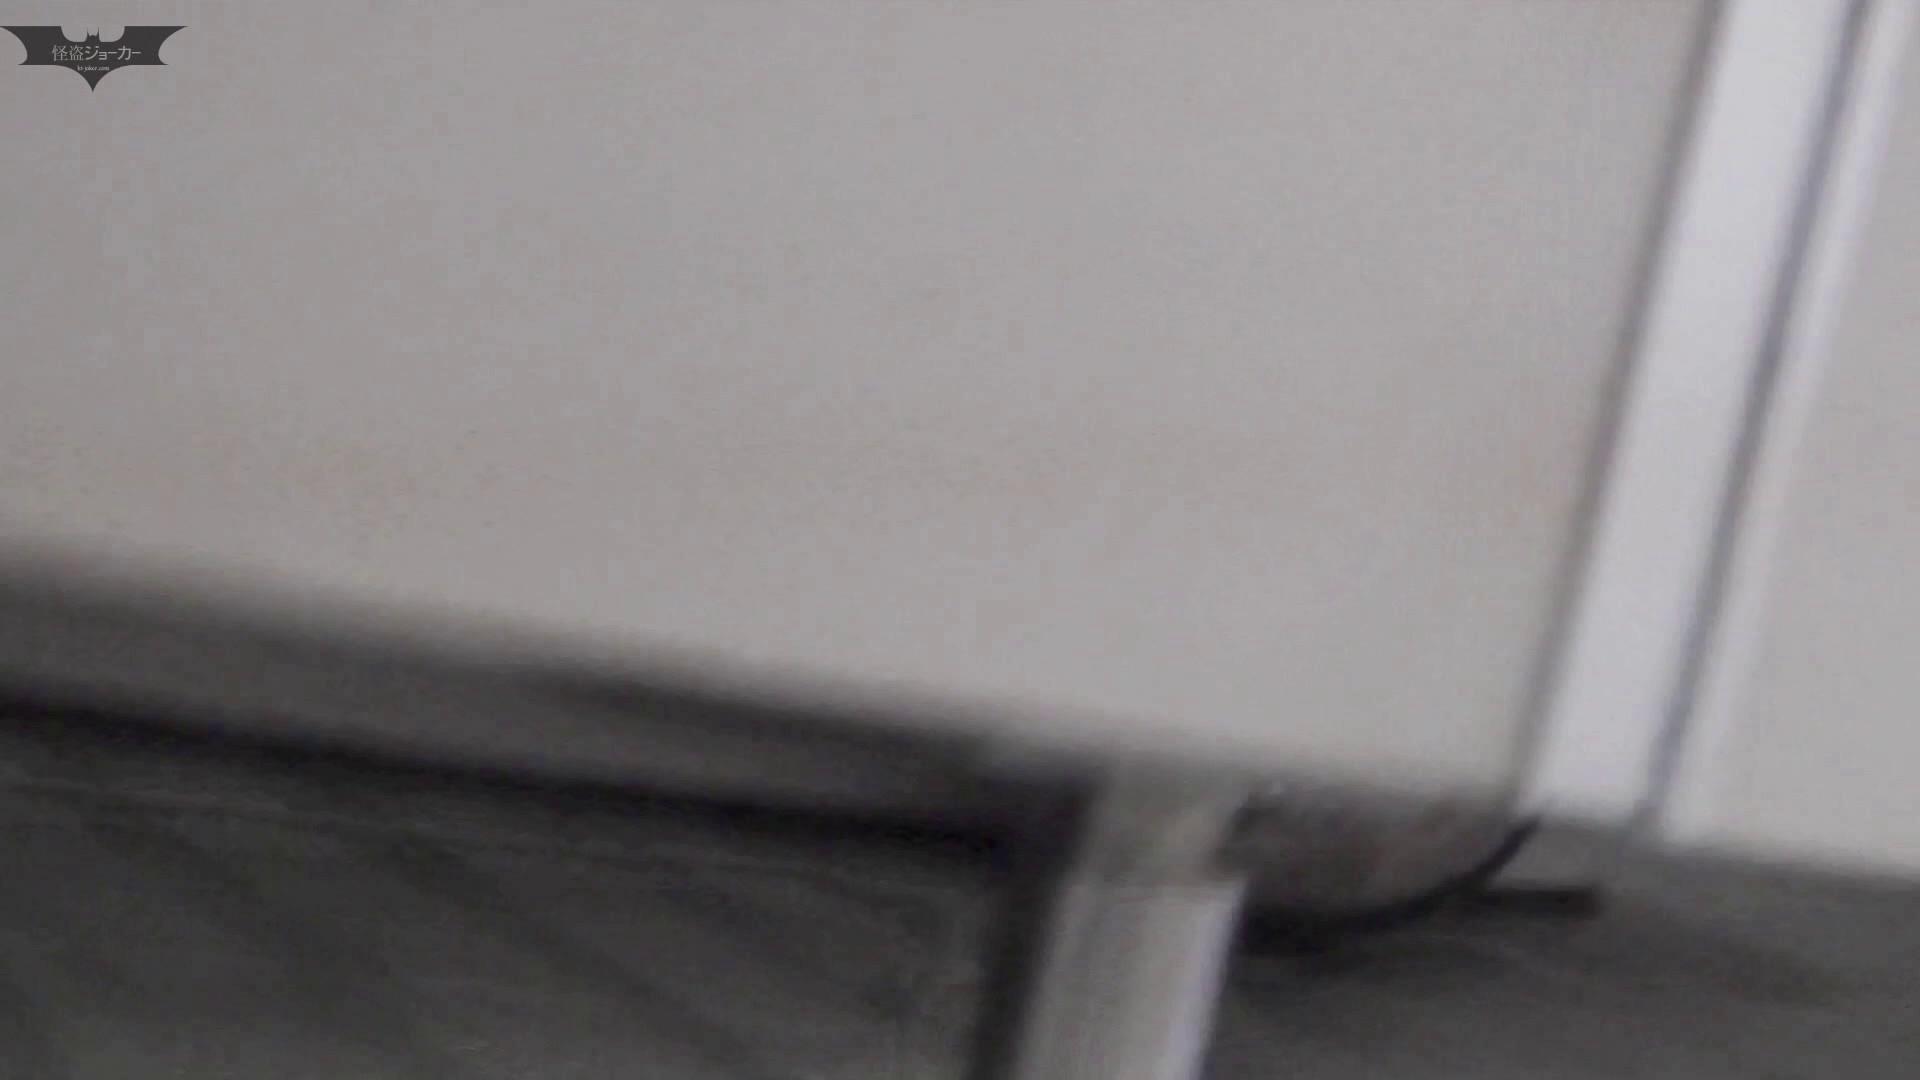 お銀さん vol.59 ピンチ!!「鏡の前で祈る女性」にばれる危機 お姉さん攻略  56画像 35